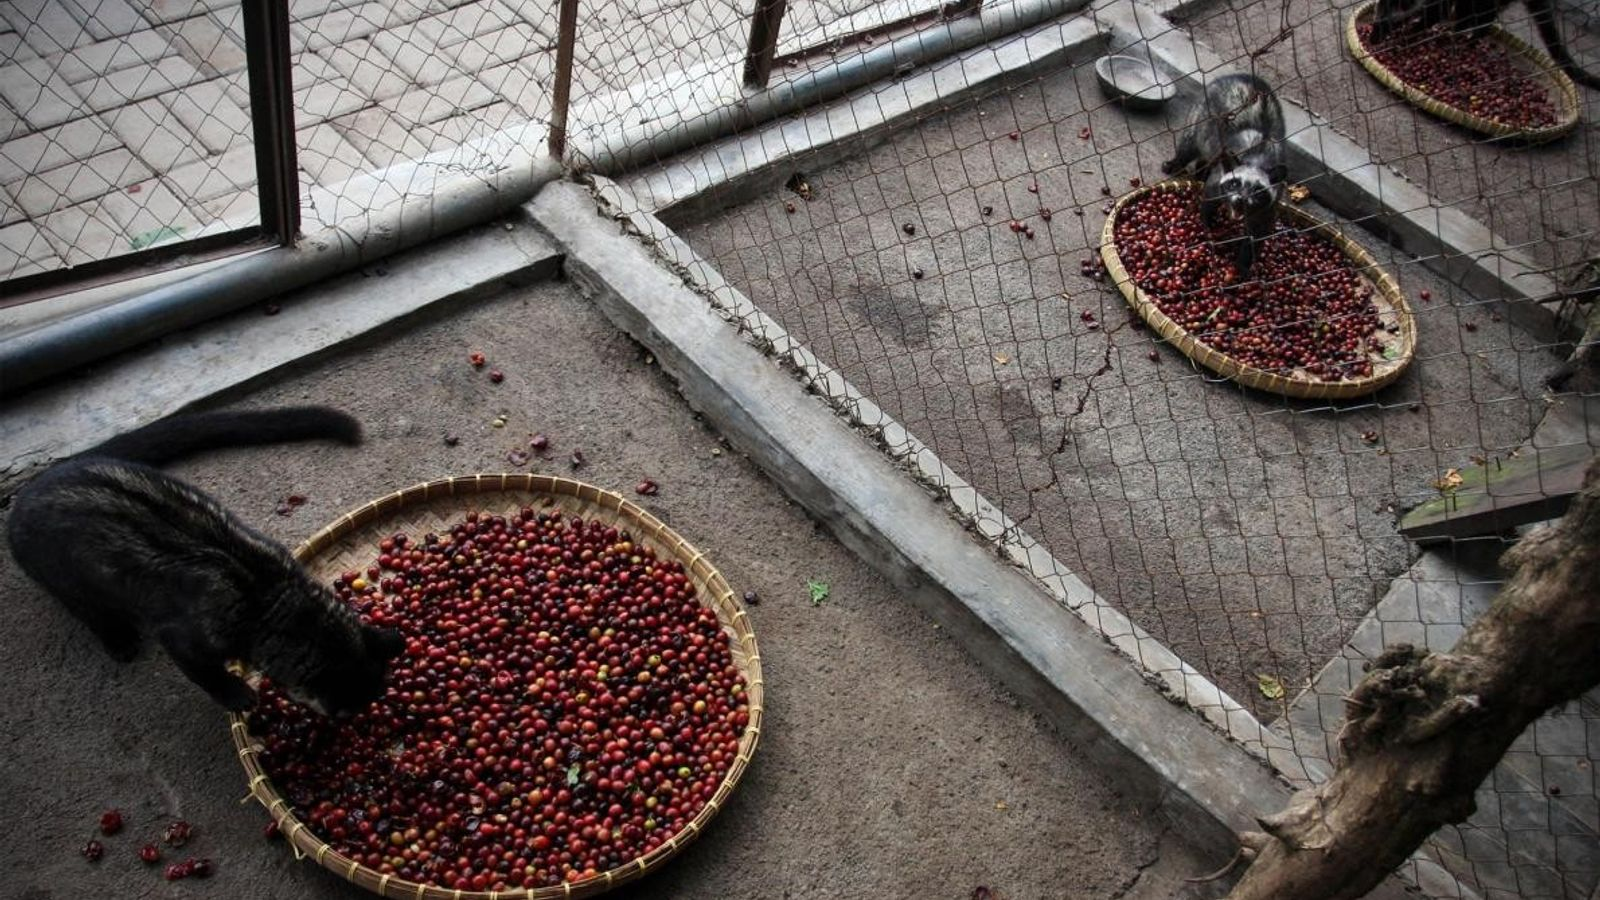 Les civettes en captivité sont parfois nourries exclusivement de cerises de café, le fruit qui produit ...